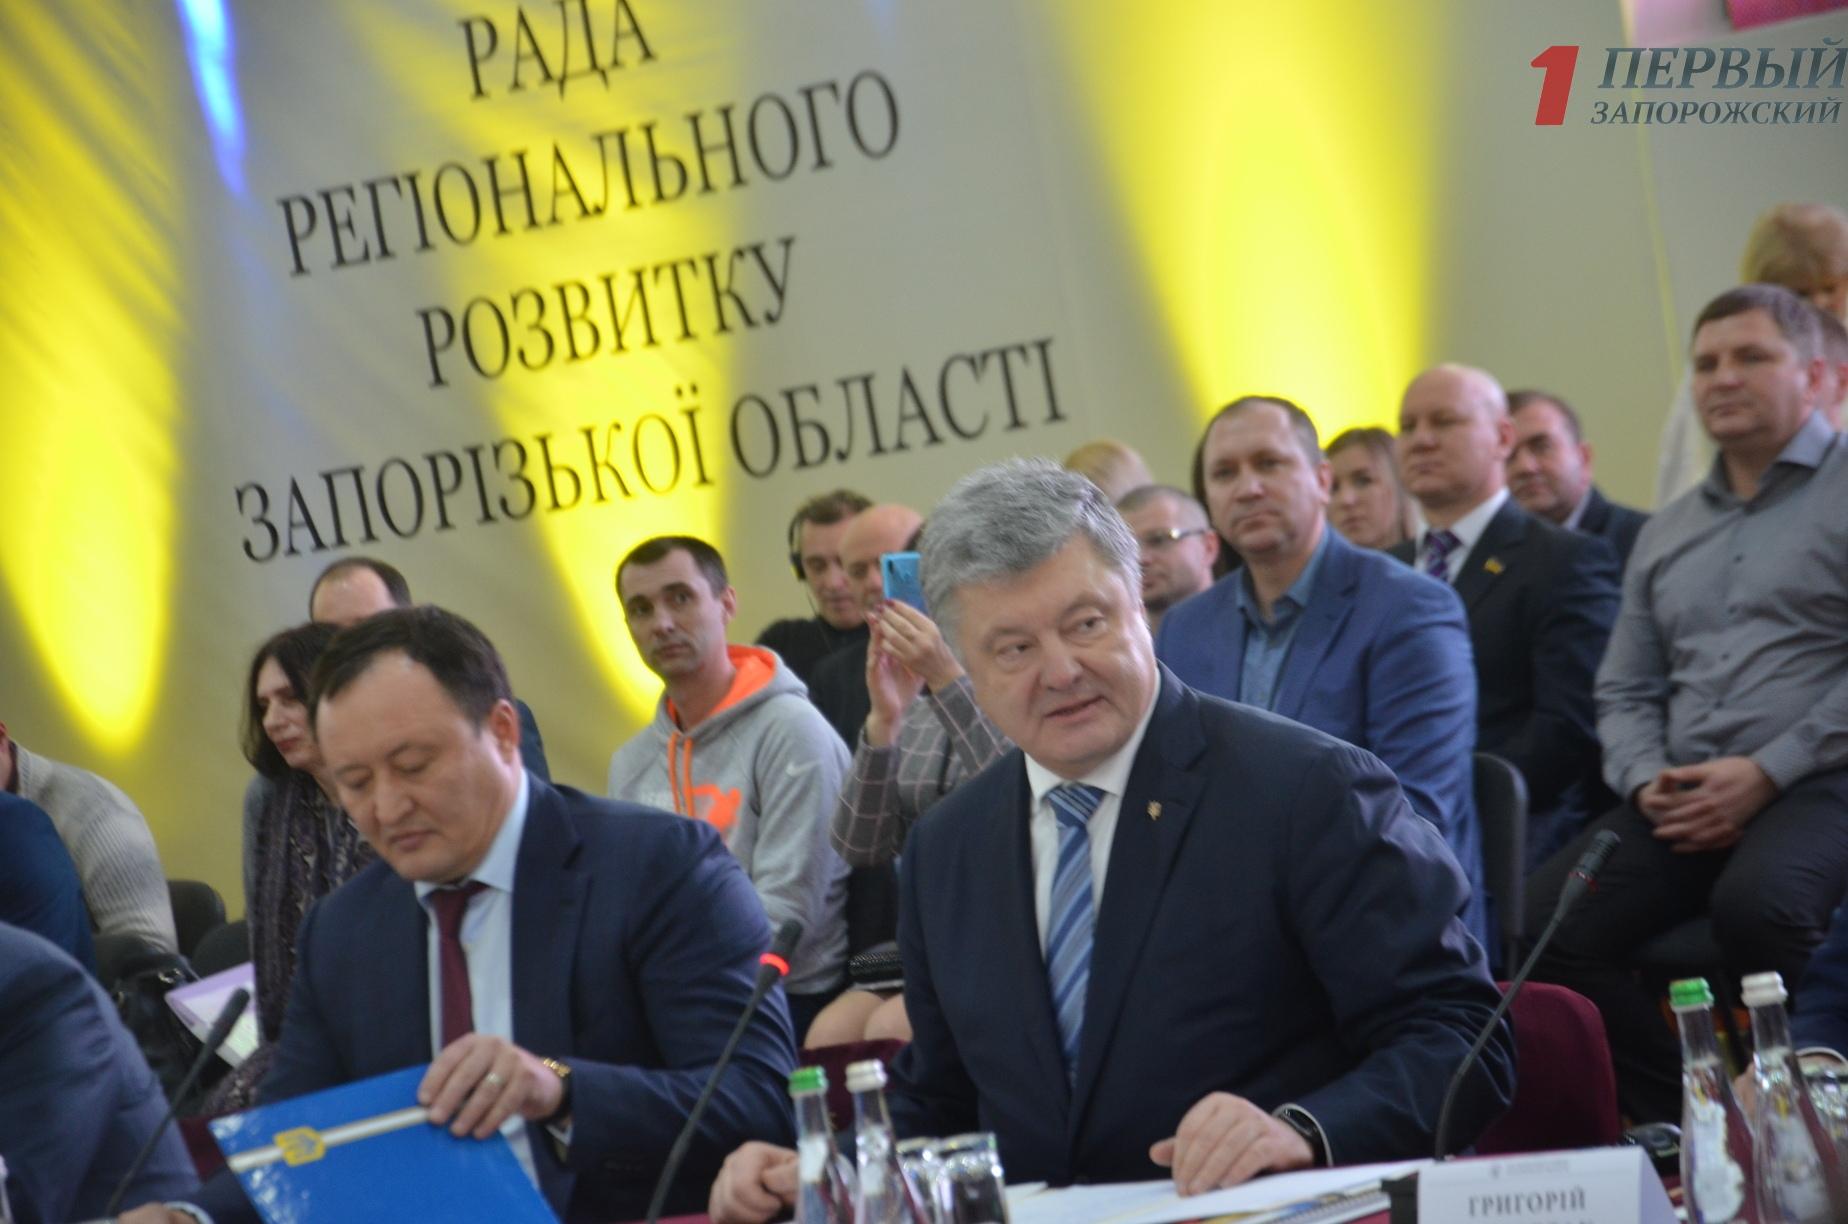 Презентация планов, обсуждение децентрализации и дружеские объятия: как в Запорожье проходил Совет регионального развития – ФОТО